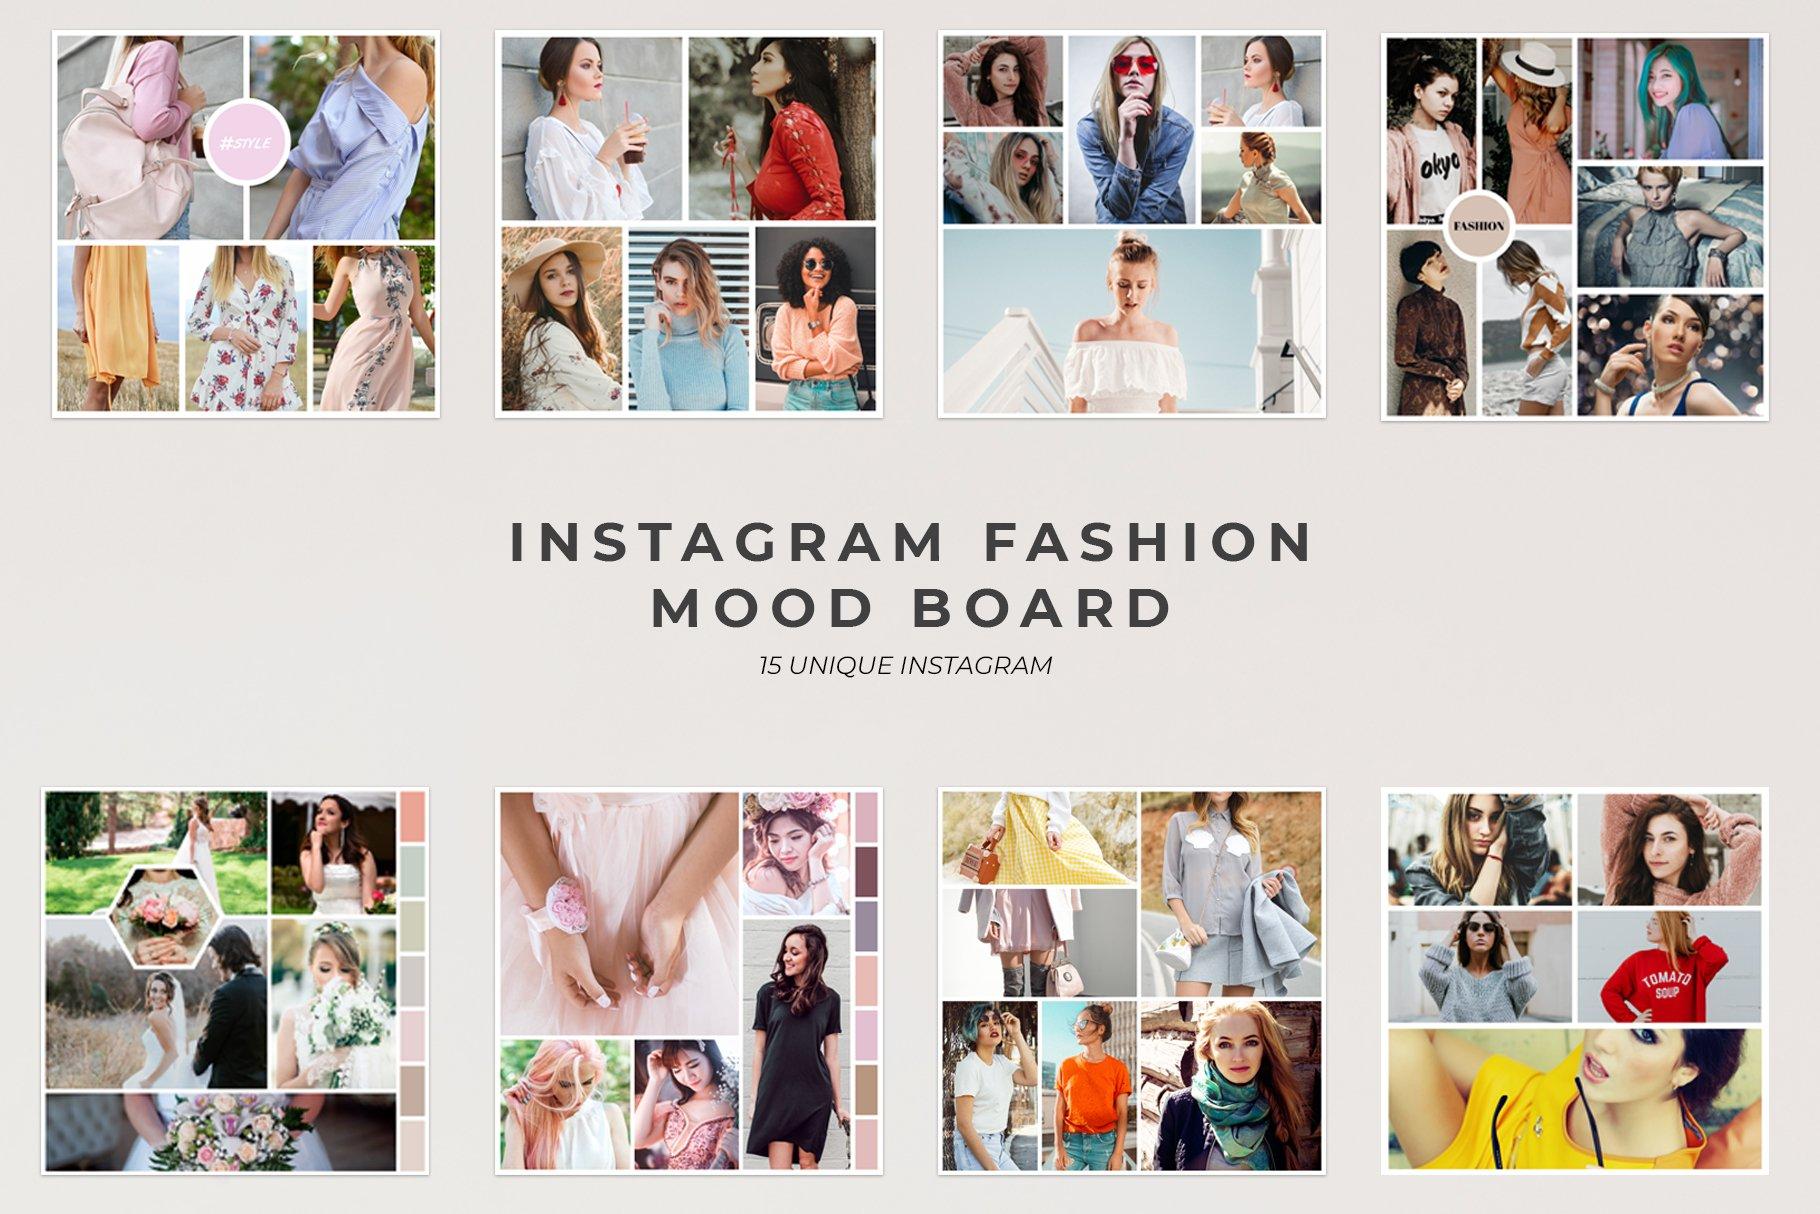 instagram fashion mood board instagram templates. Black Bedroom Furniture Sets. Home Design Ideas